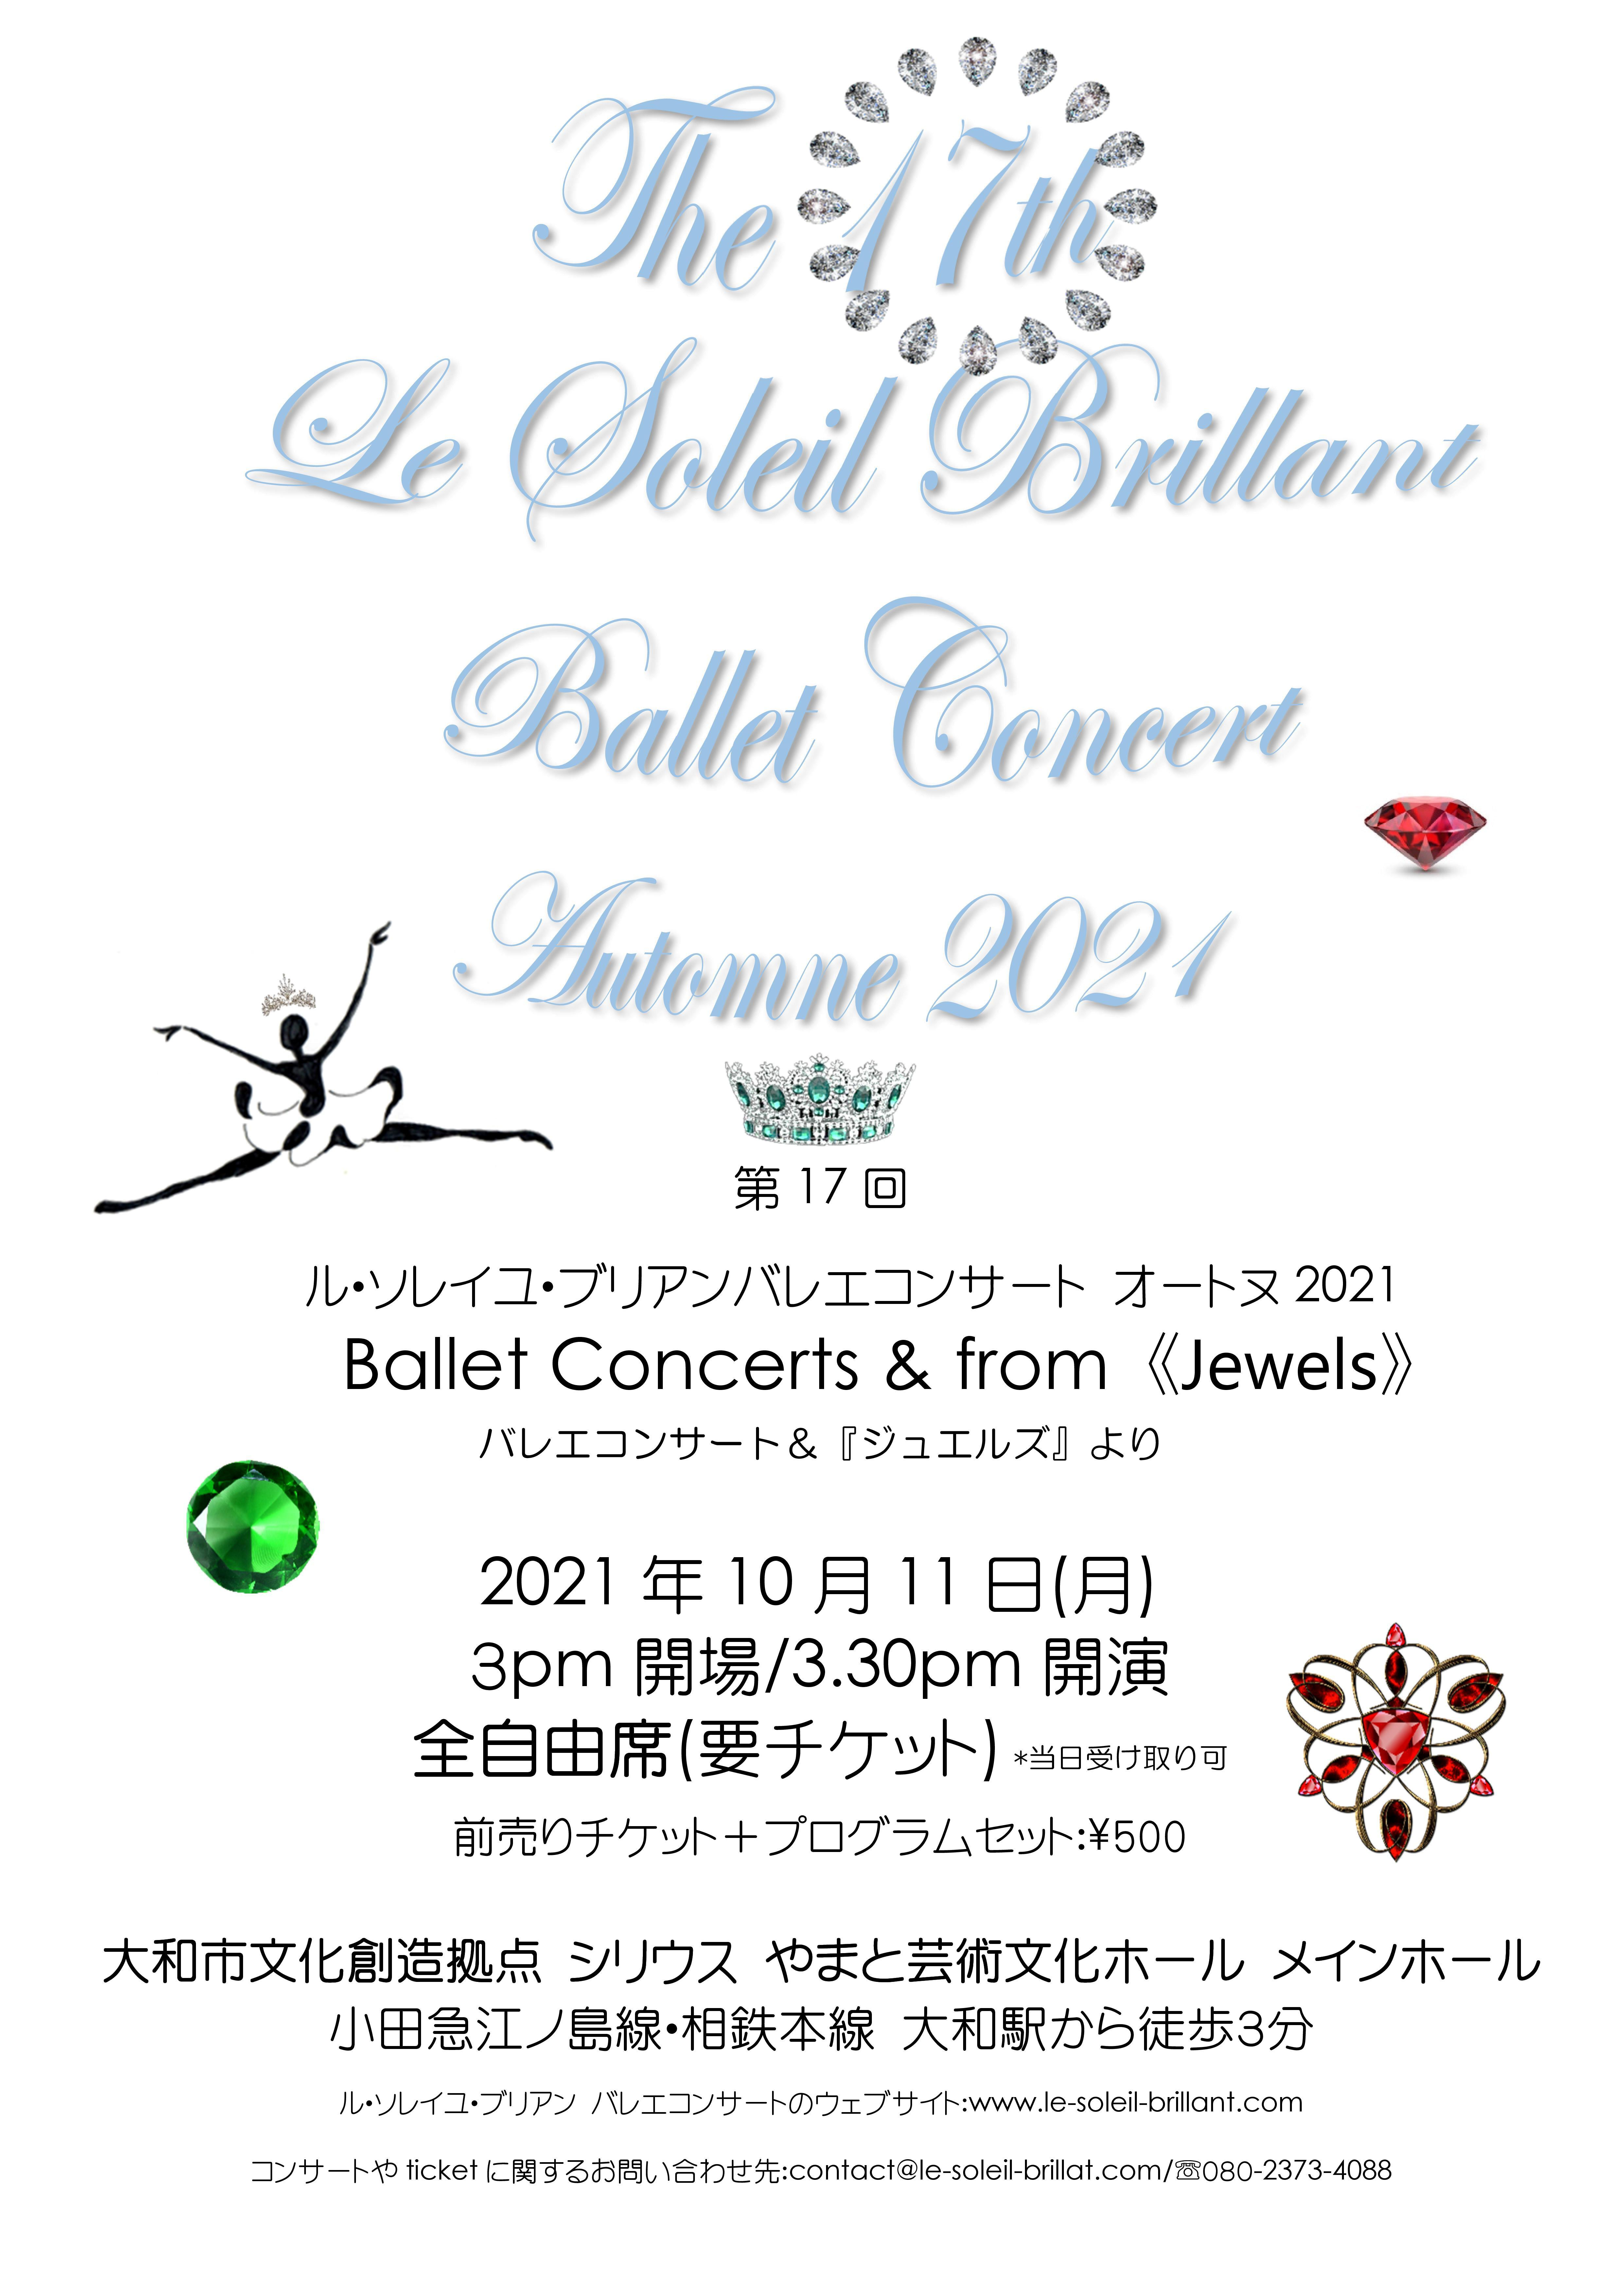 第17回 ル・ソレイユ・ブリアン バレエコンサート オートヌ2021